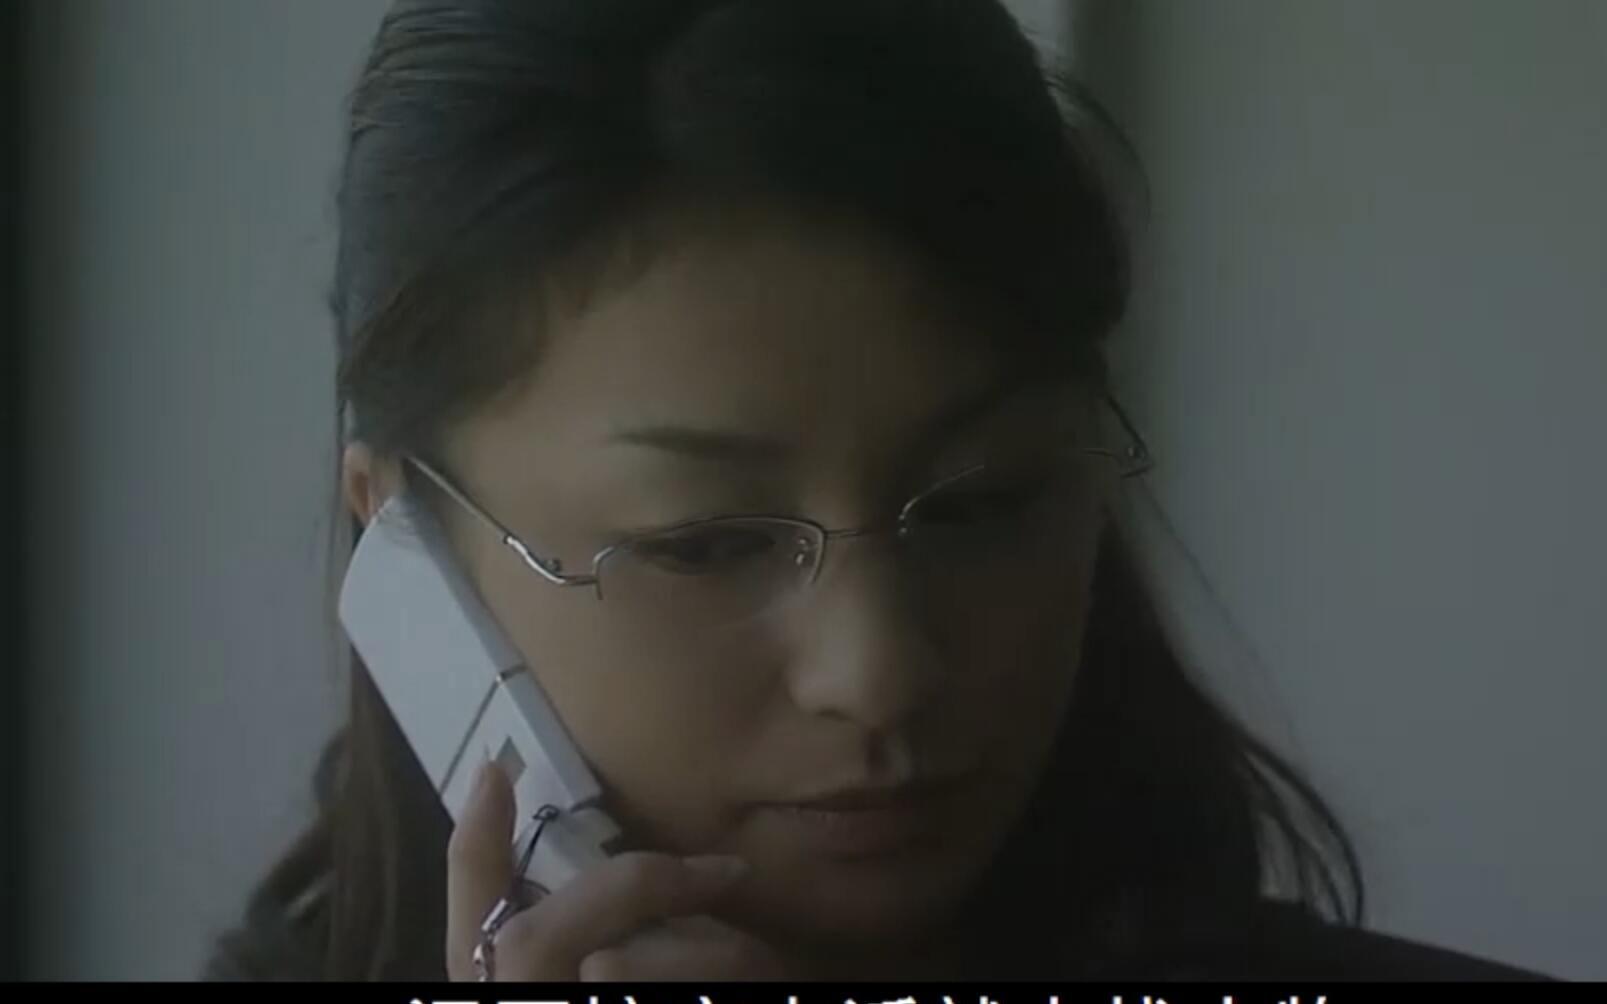 【达文西】【空中轮胎】美女网管杉本在会议室打电话告密,上司竟然得知通话内容,采用的手段卑鄙至极!